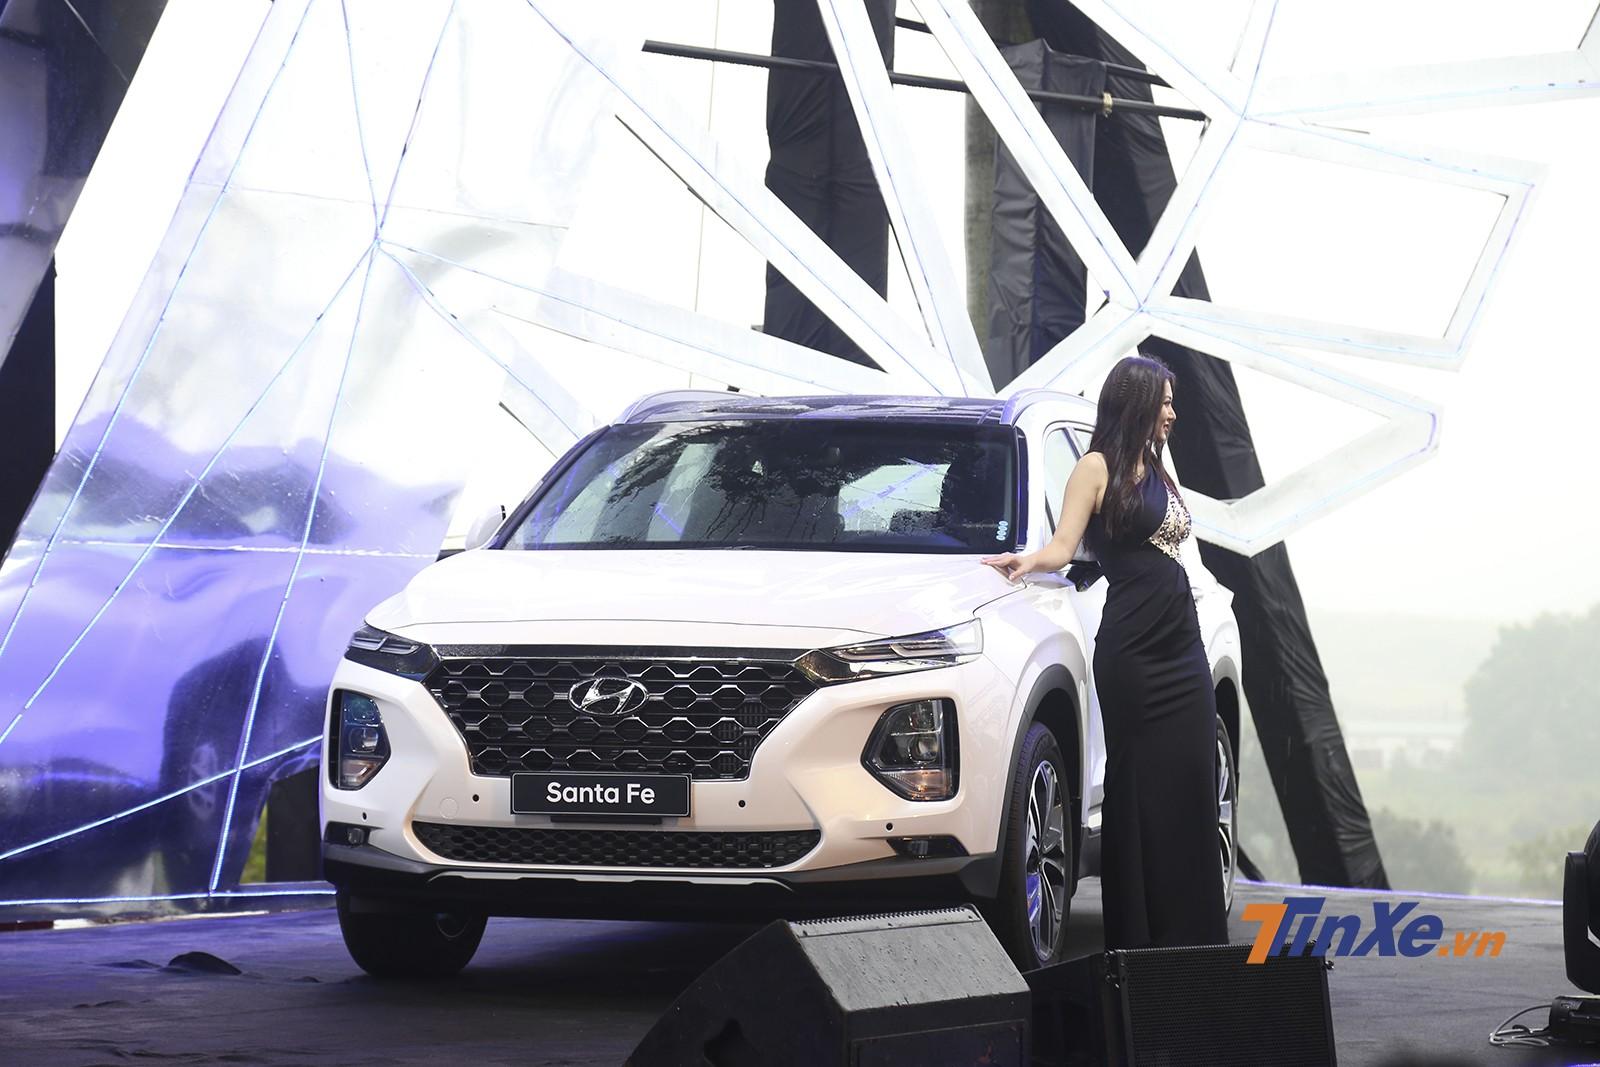 Hyundai Santa Fe 2019 bán được 836 xe trong tháng đầu mở bán